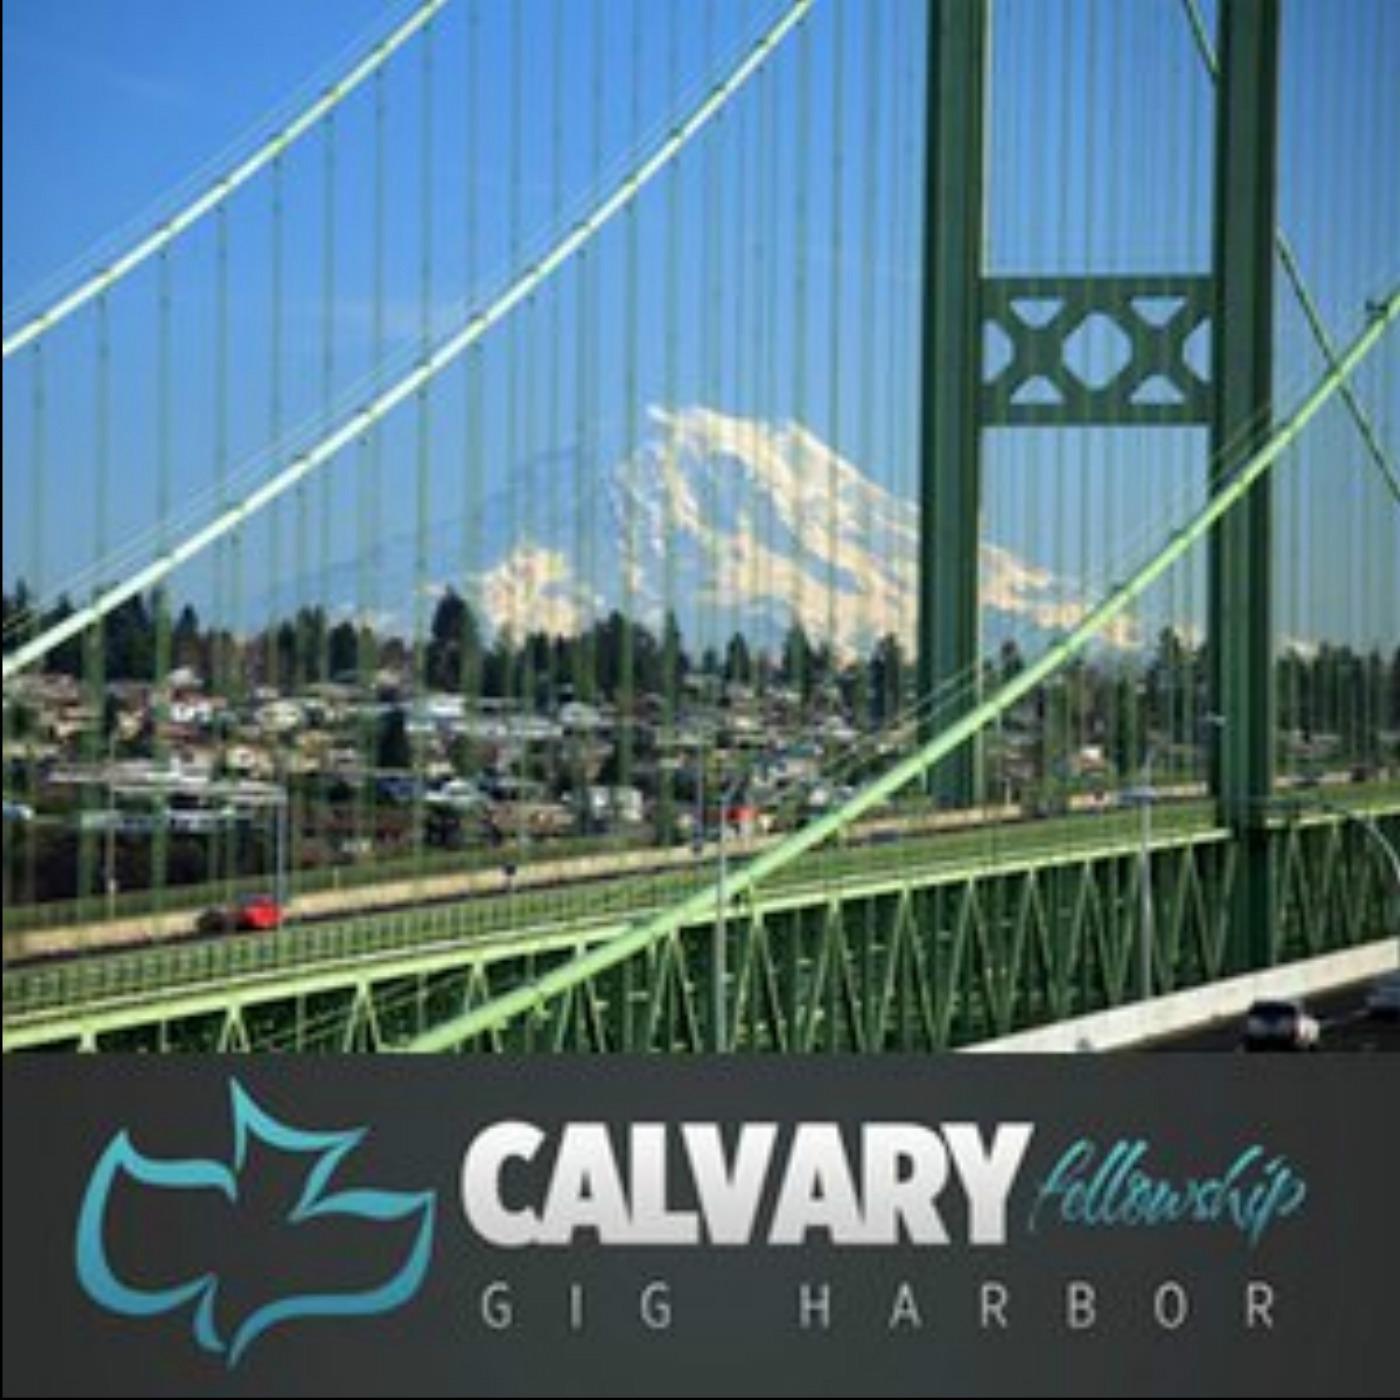 Calvary Gig Harbor